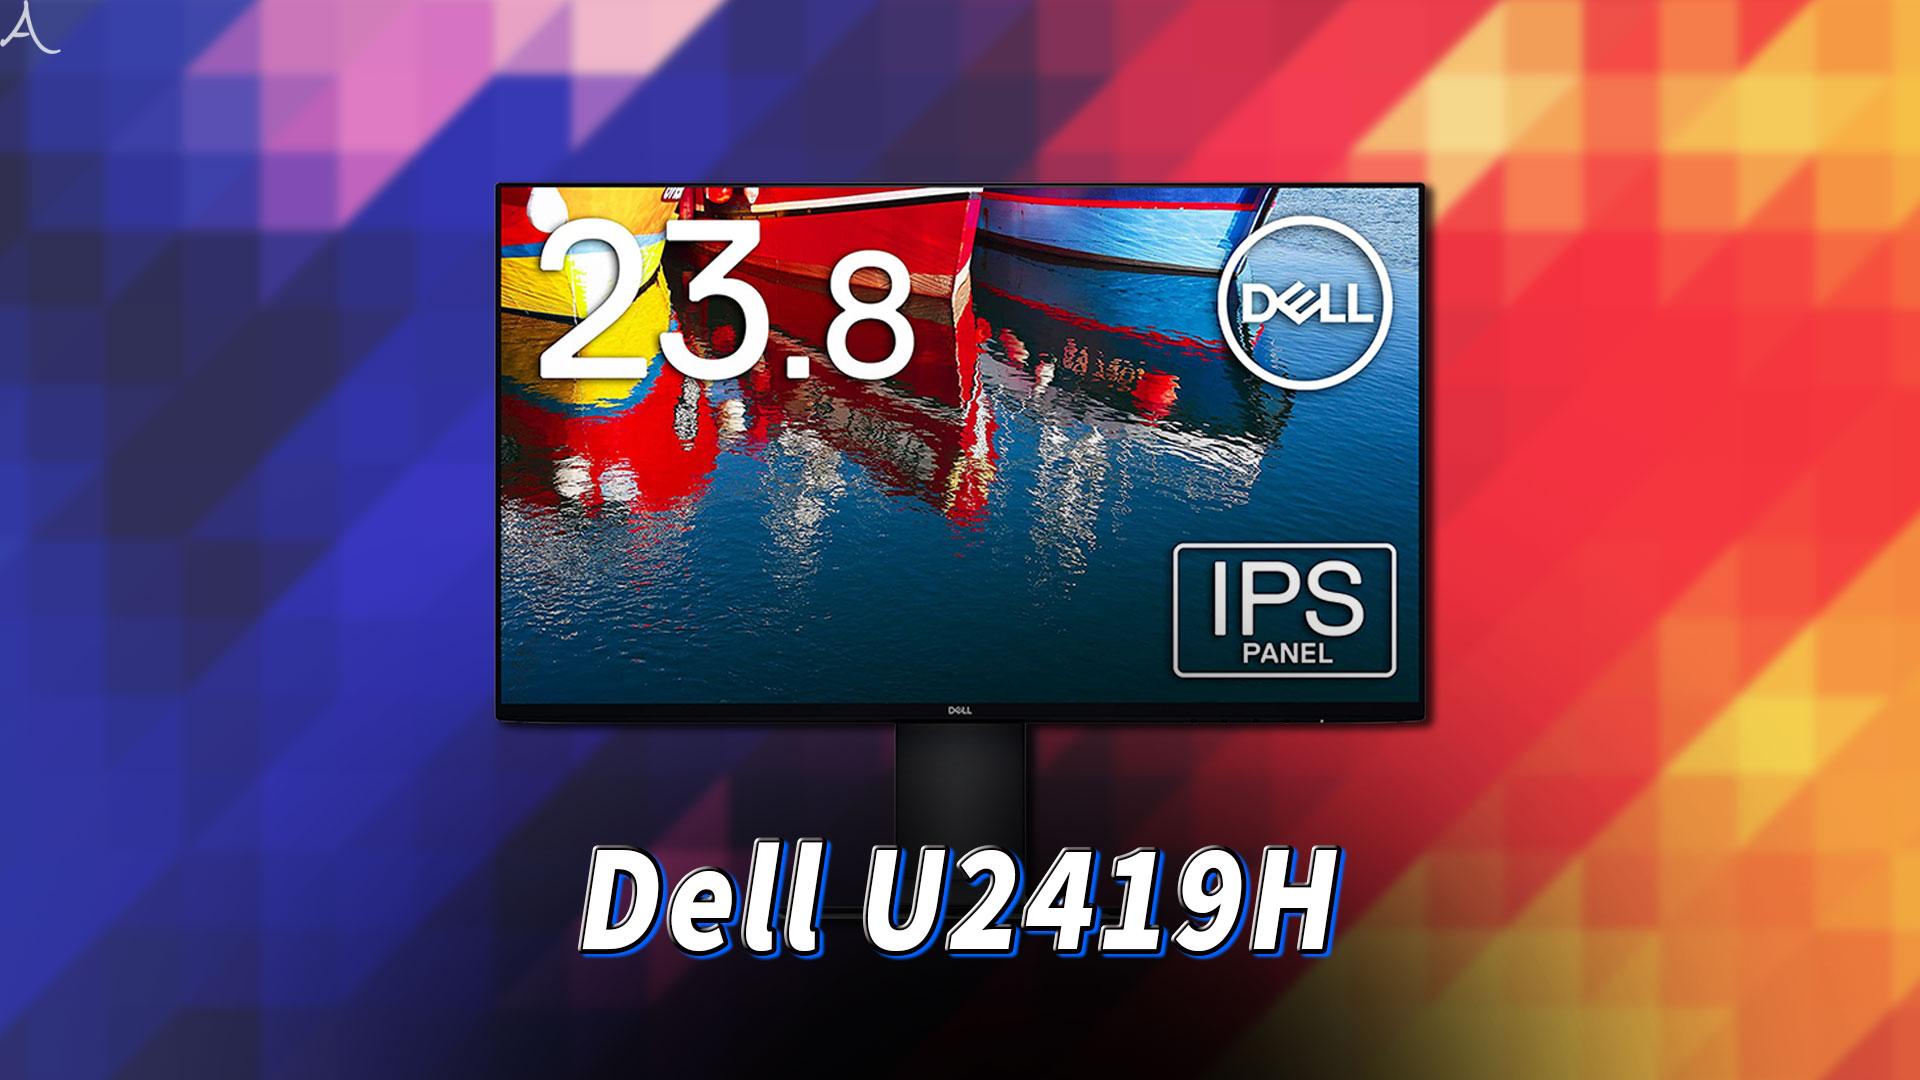 「Dell U2419H」はスピーカーに対応してる?おすすめのPCスピーカーはどれ?